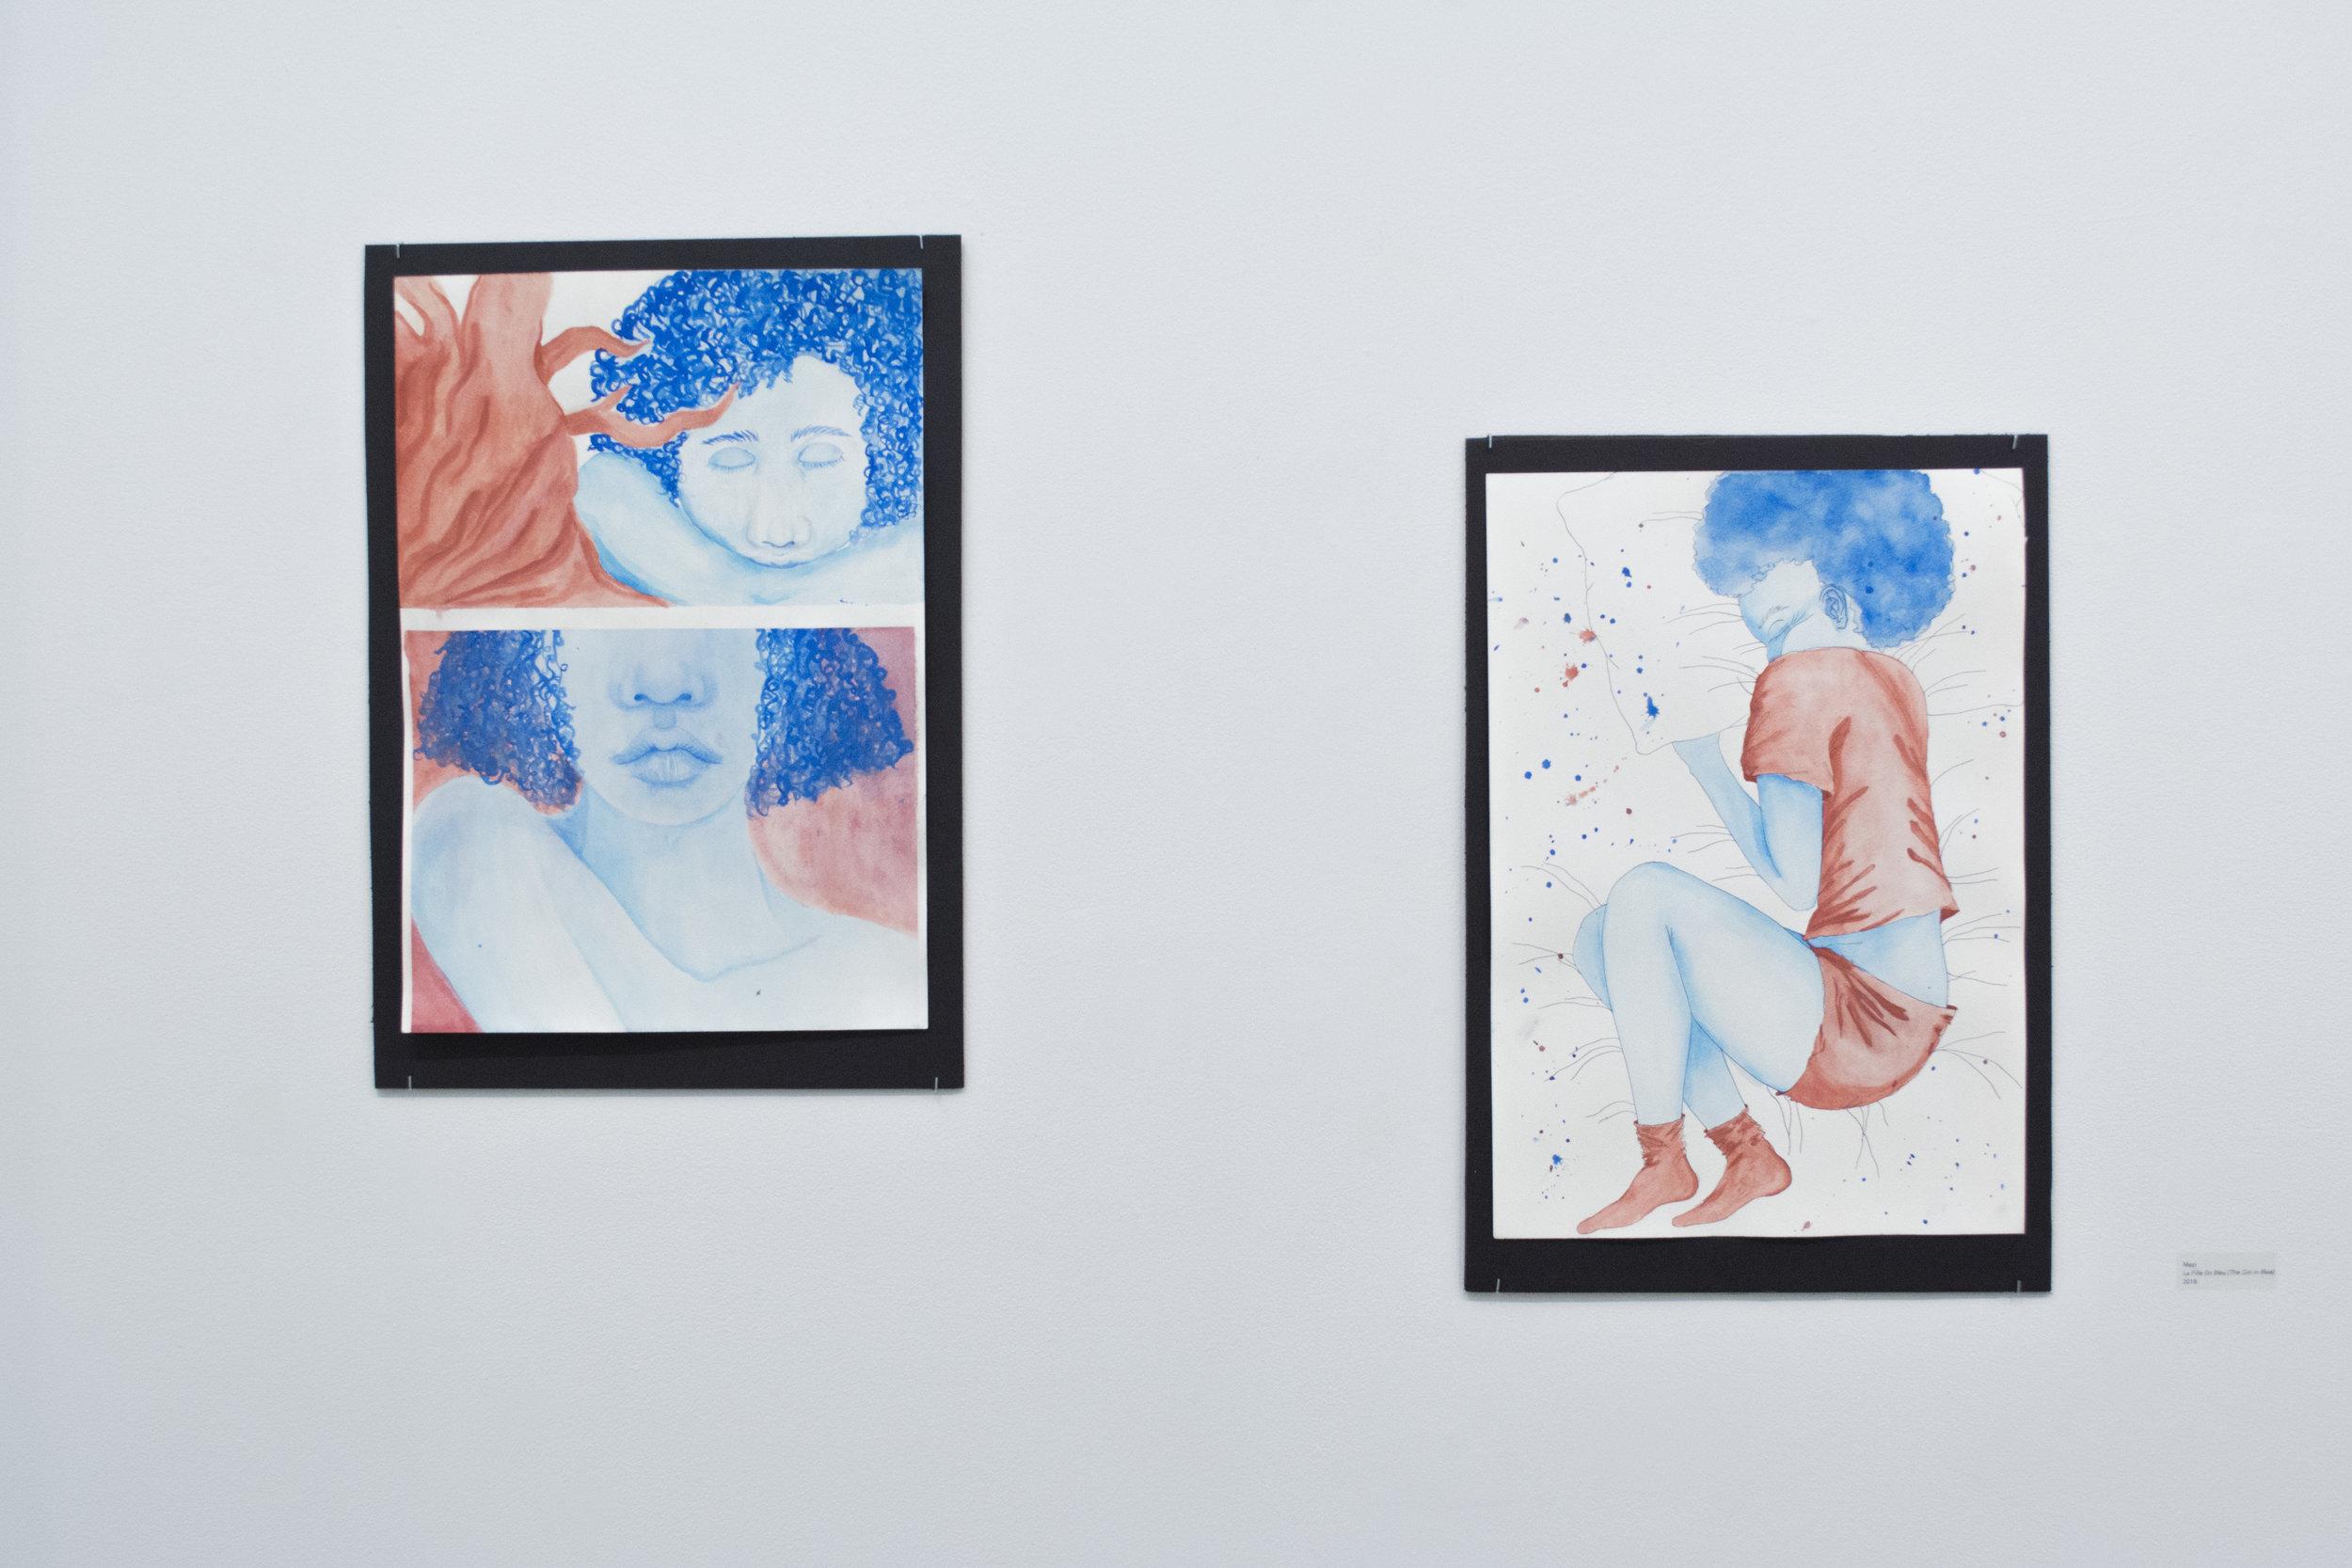 Mezi  La Fille En Bleu (The Girl in Blue) , 2018 Watercolor and colored pencil on Grana Fina cold pressed 100% cotton watercolor paper